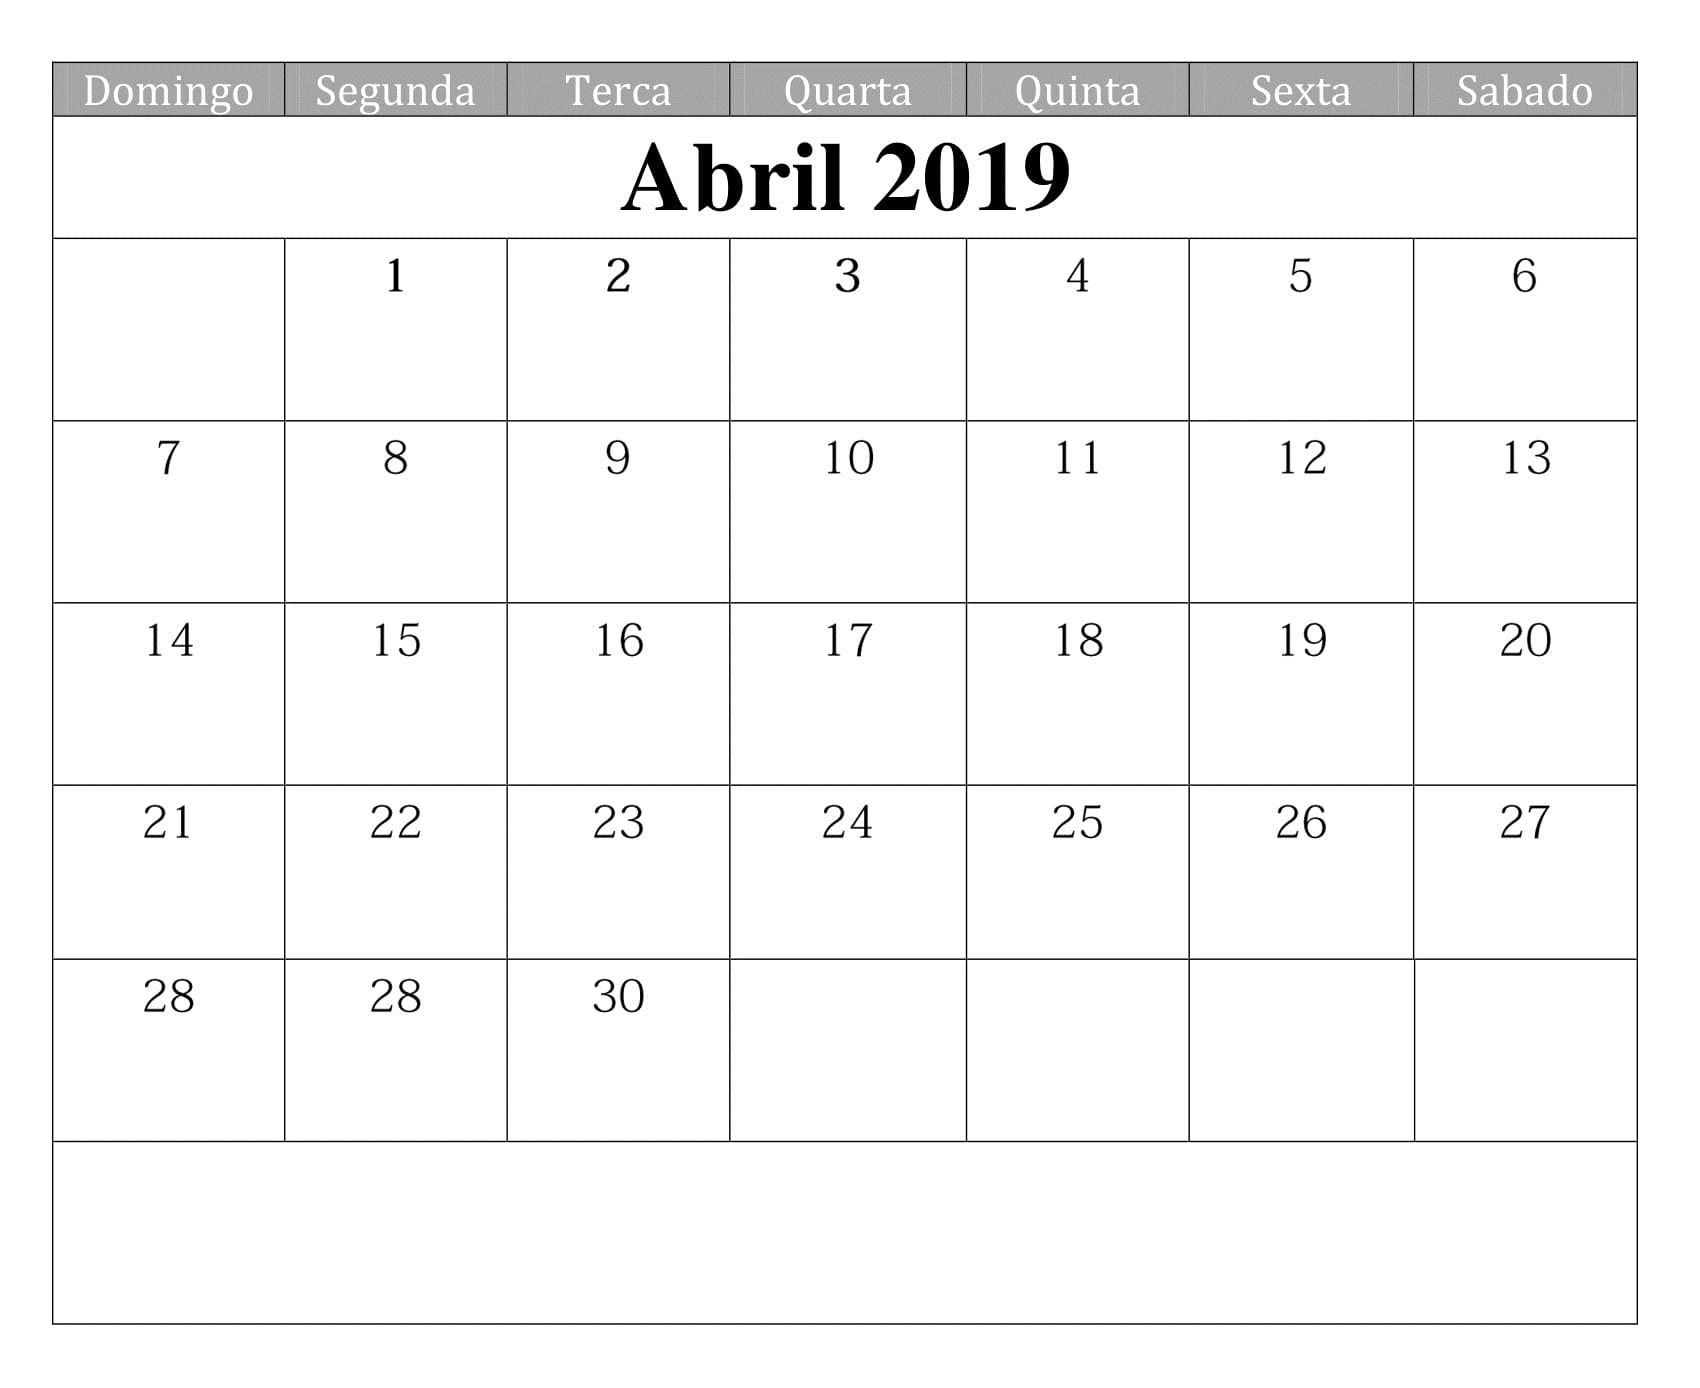 Mini Calendario 2019 Para Imprimir Grande.Calendario Abril 2019 Imprimir Calendario Abril 2019